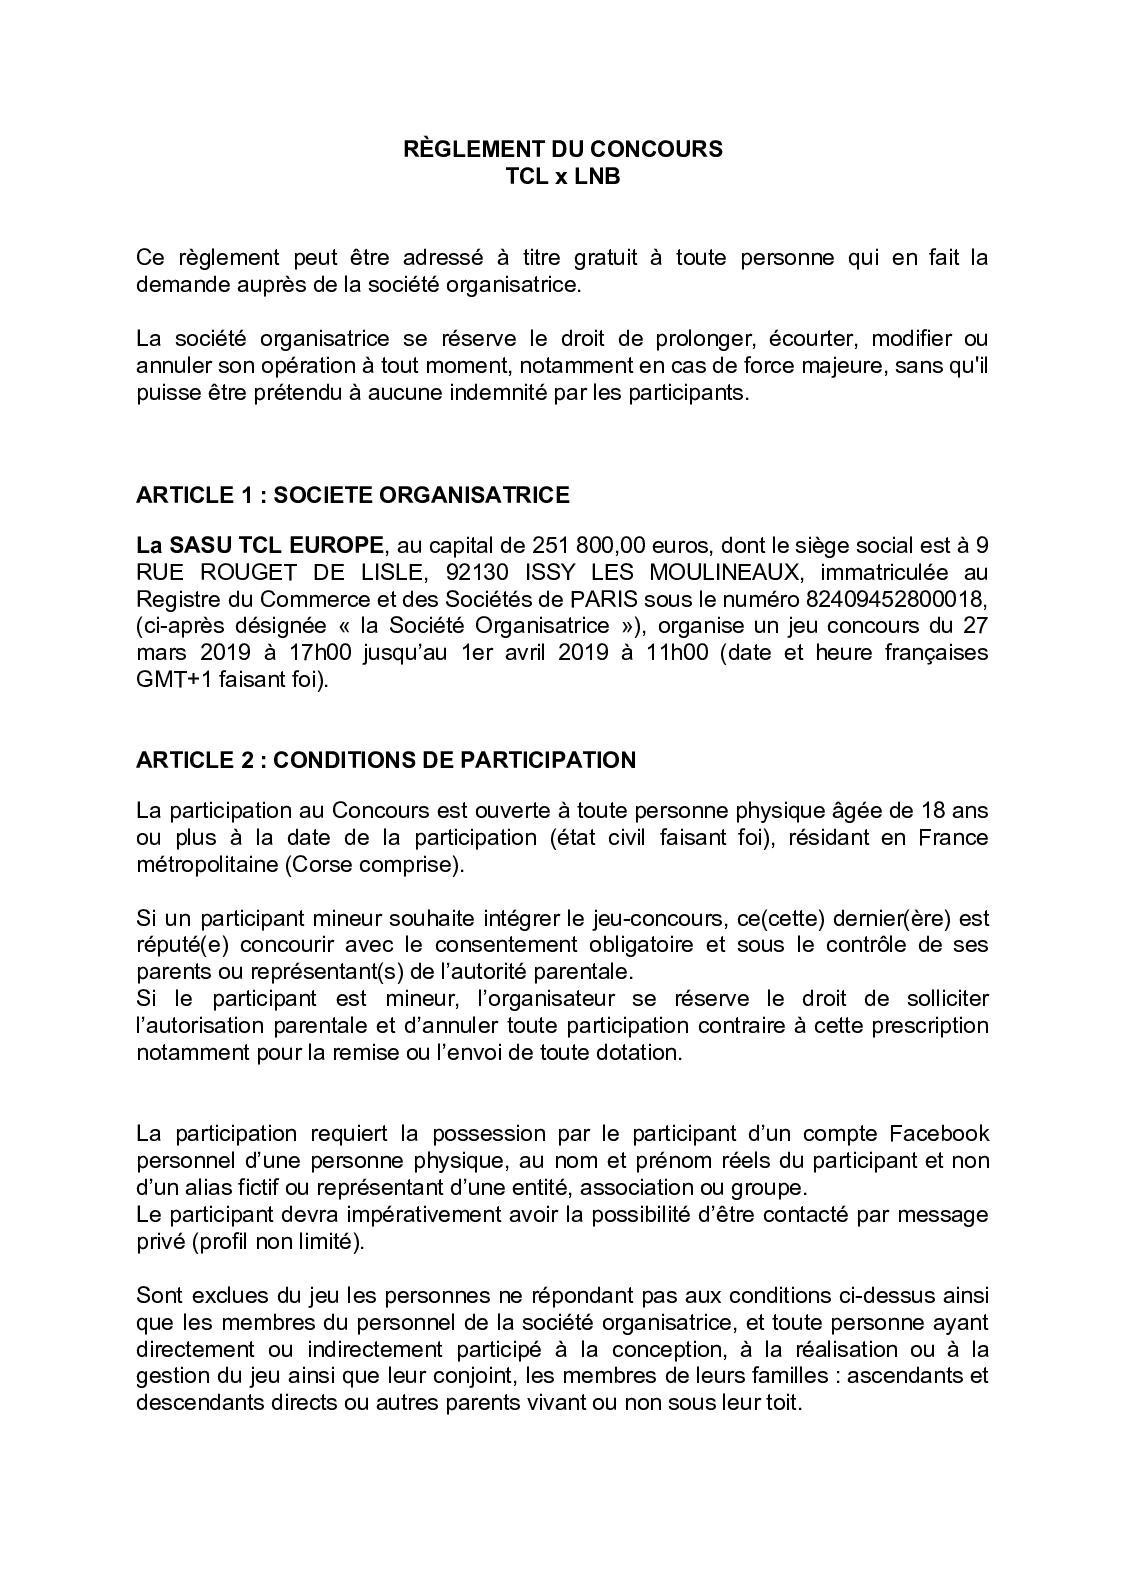 Calaméo Terms & Conditions Jeu Concours Facebook Tclx Lnb